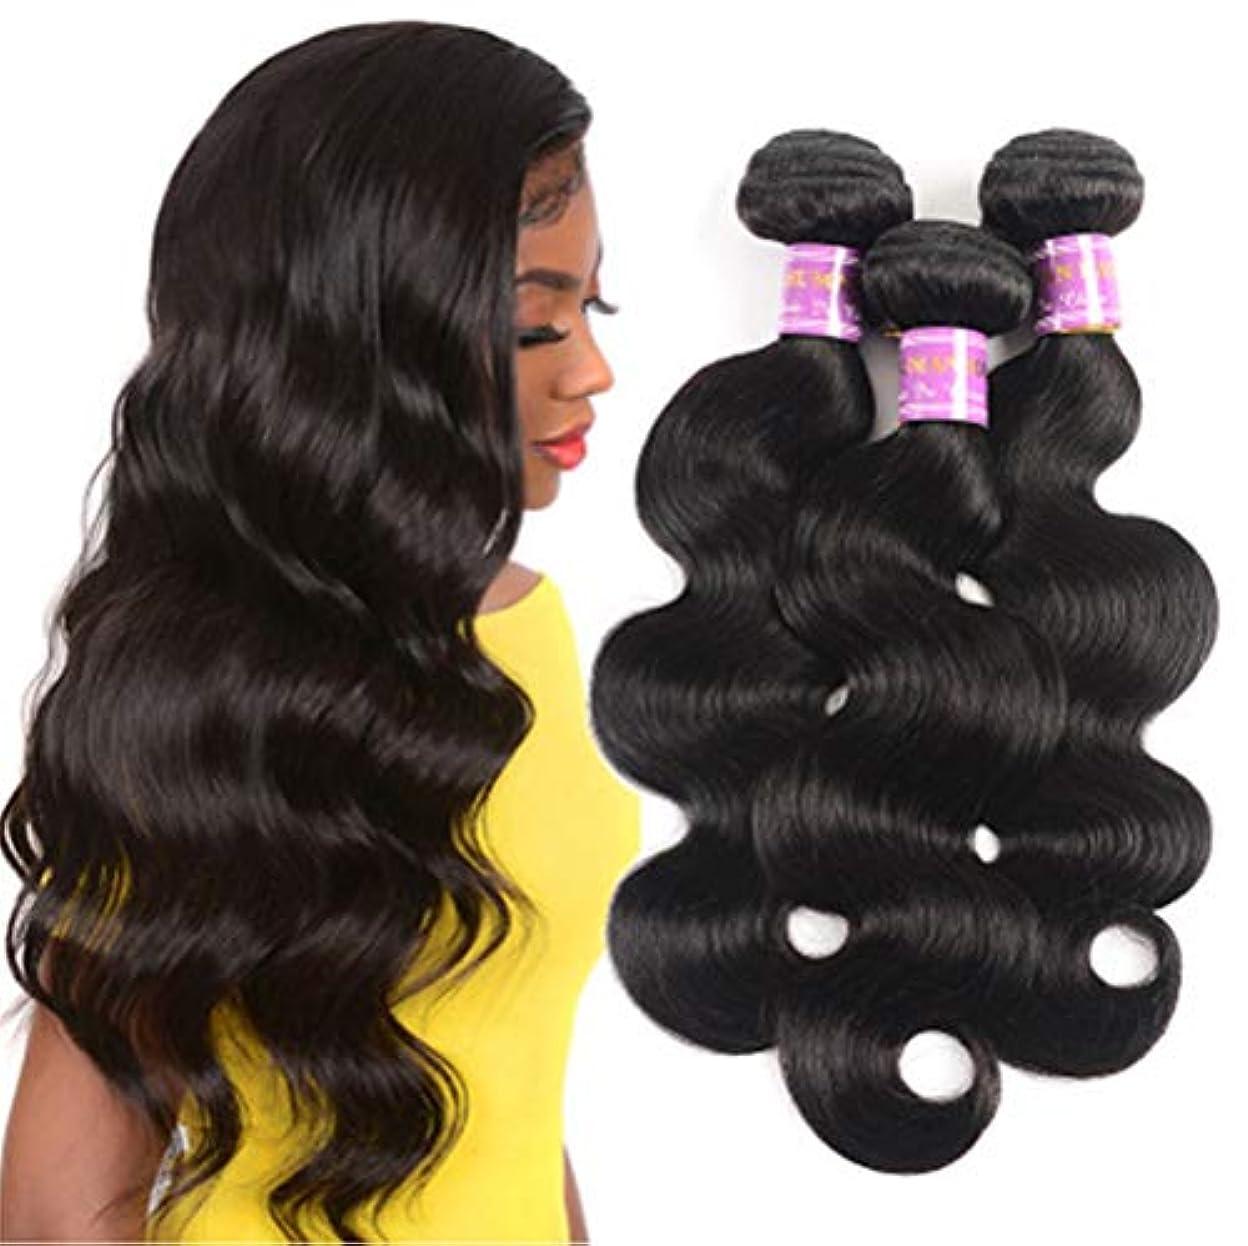 ファイアル死傷者温かい毛織りブラジル実体波バージンヘア1バンドルで閉鎖無料部分100%未処理の人間の髪の毛のremy髪